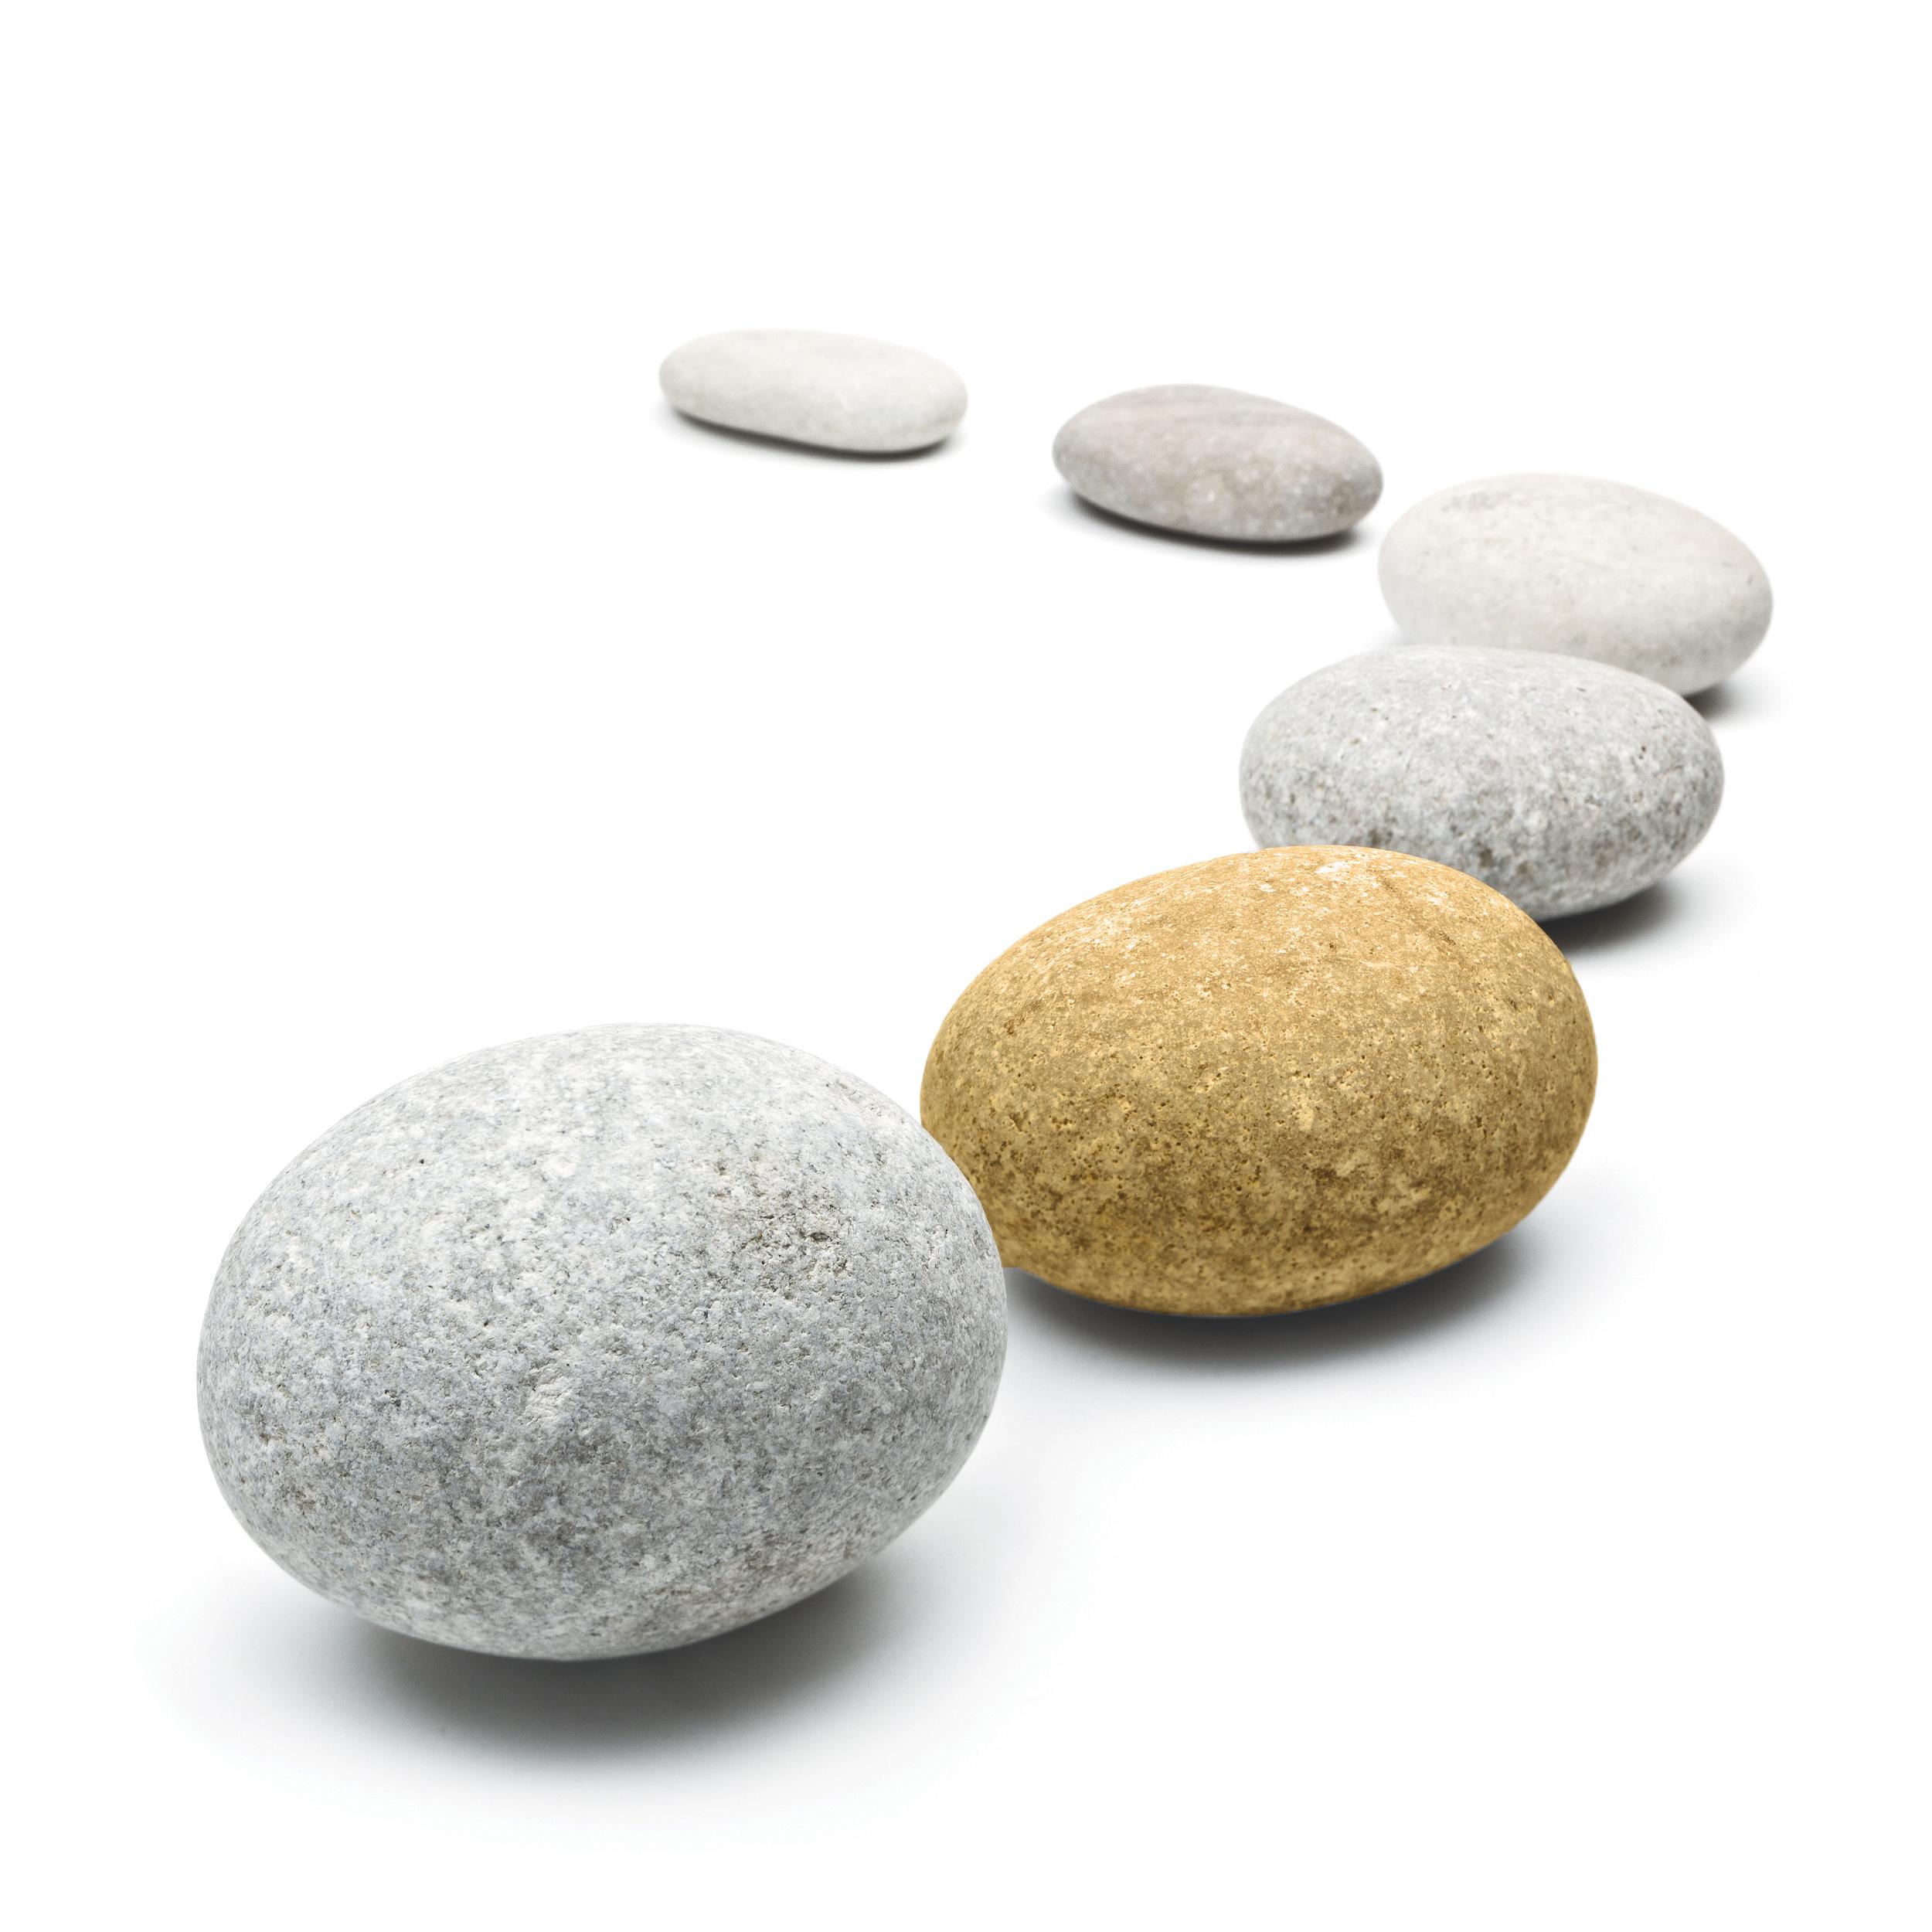 crackedrocks.jpg